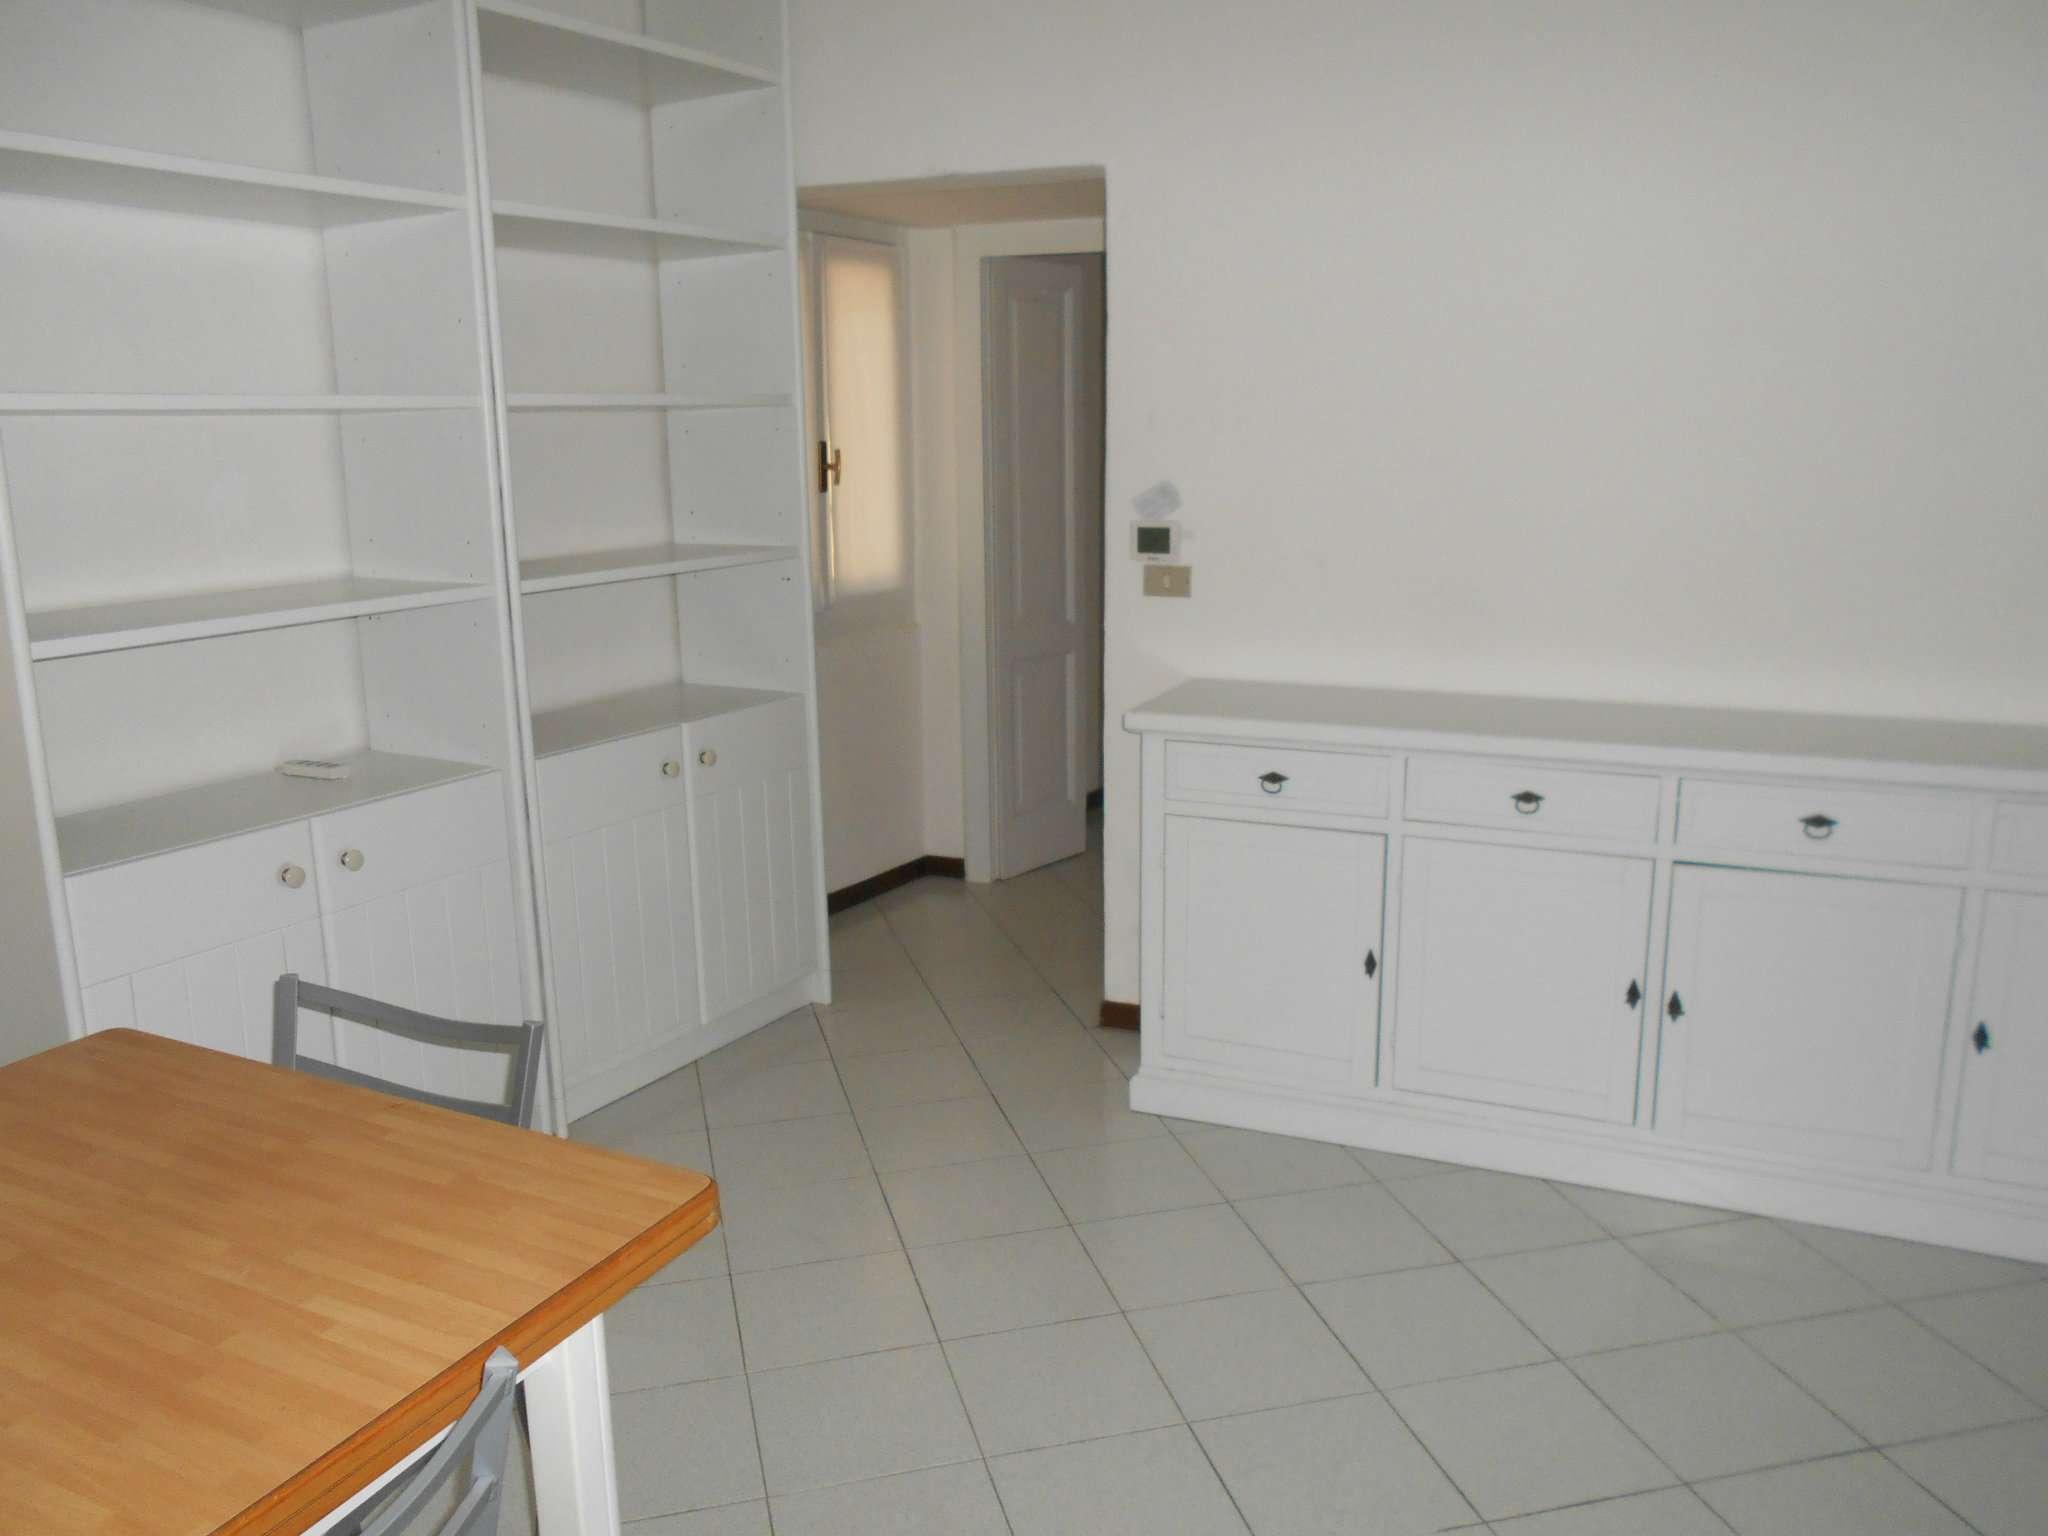 Appartamento in affitto a Pavia, 2 locali, prezzo € 580 | Cambio Casa.it